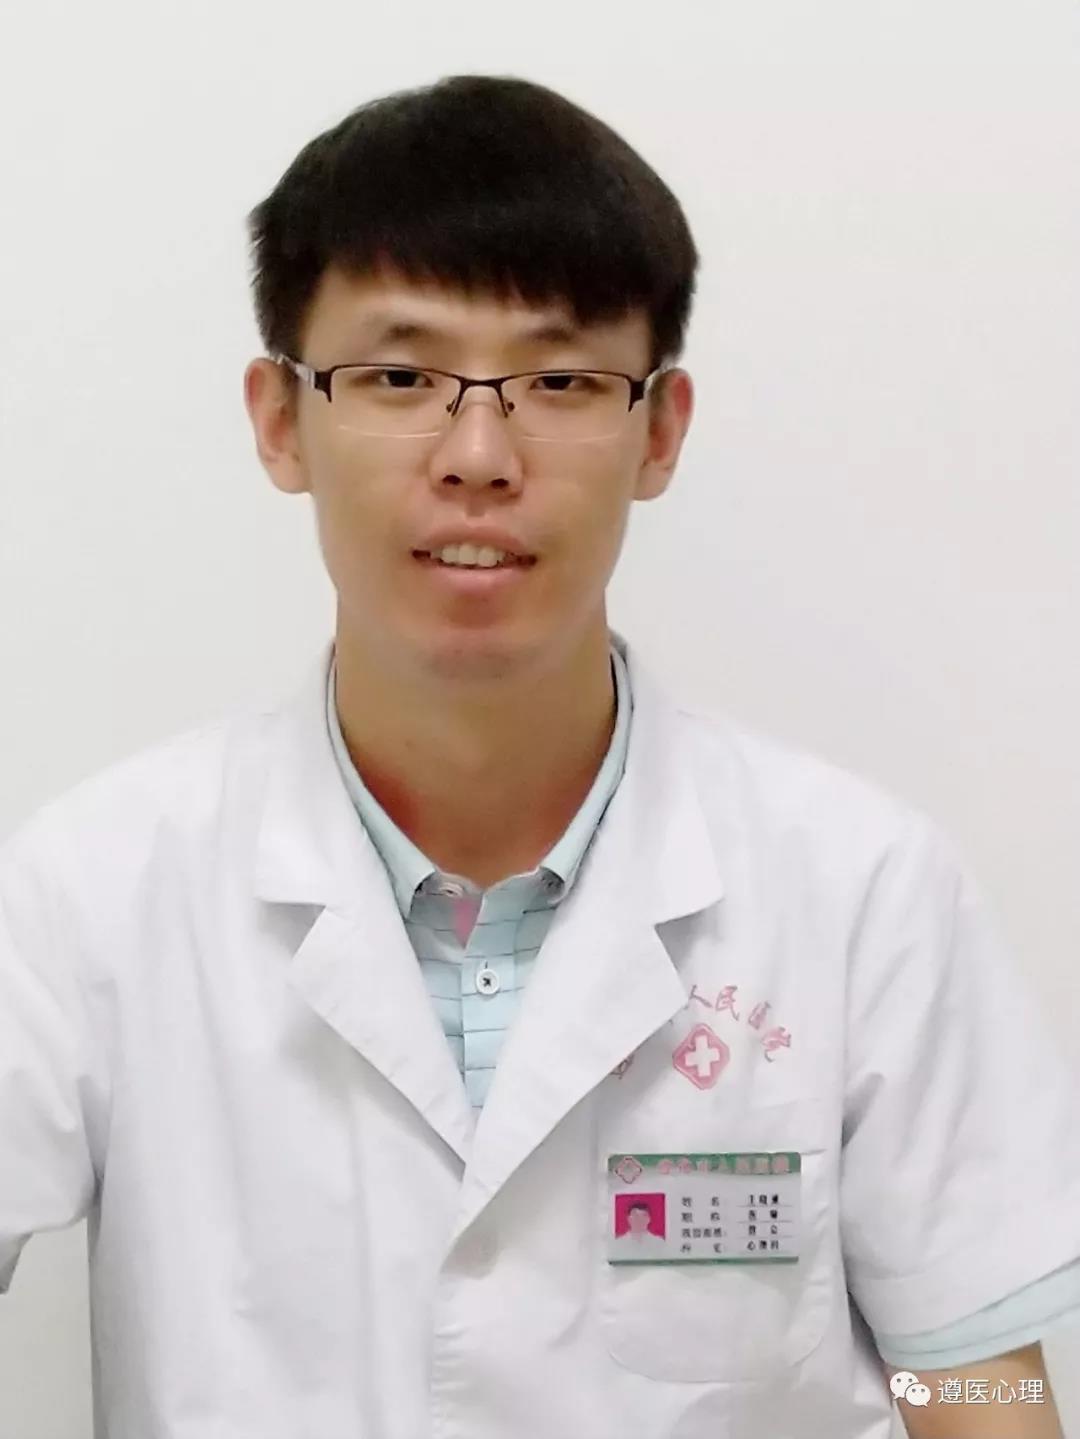 王晓通   精神科医师   ...